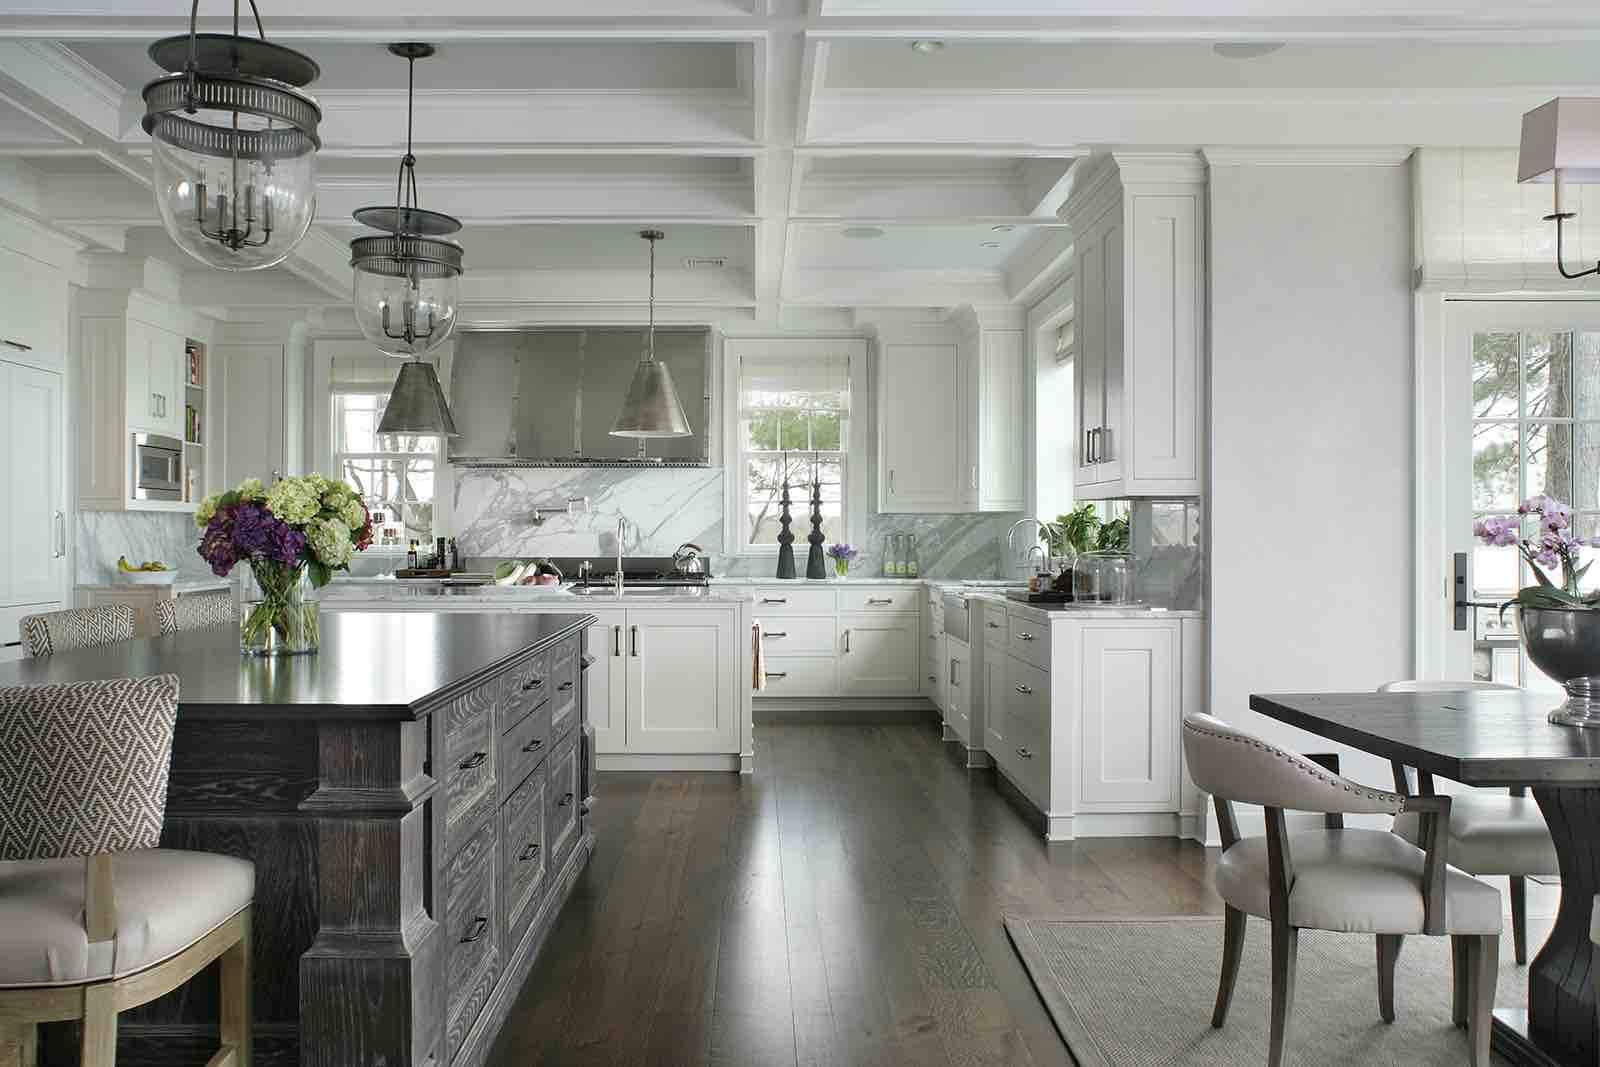 White Interiors – Kitchens